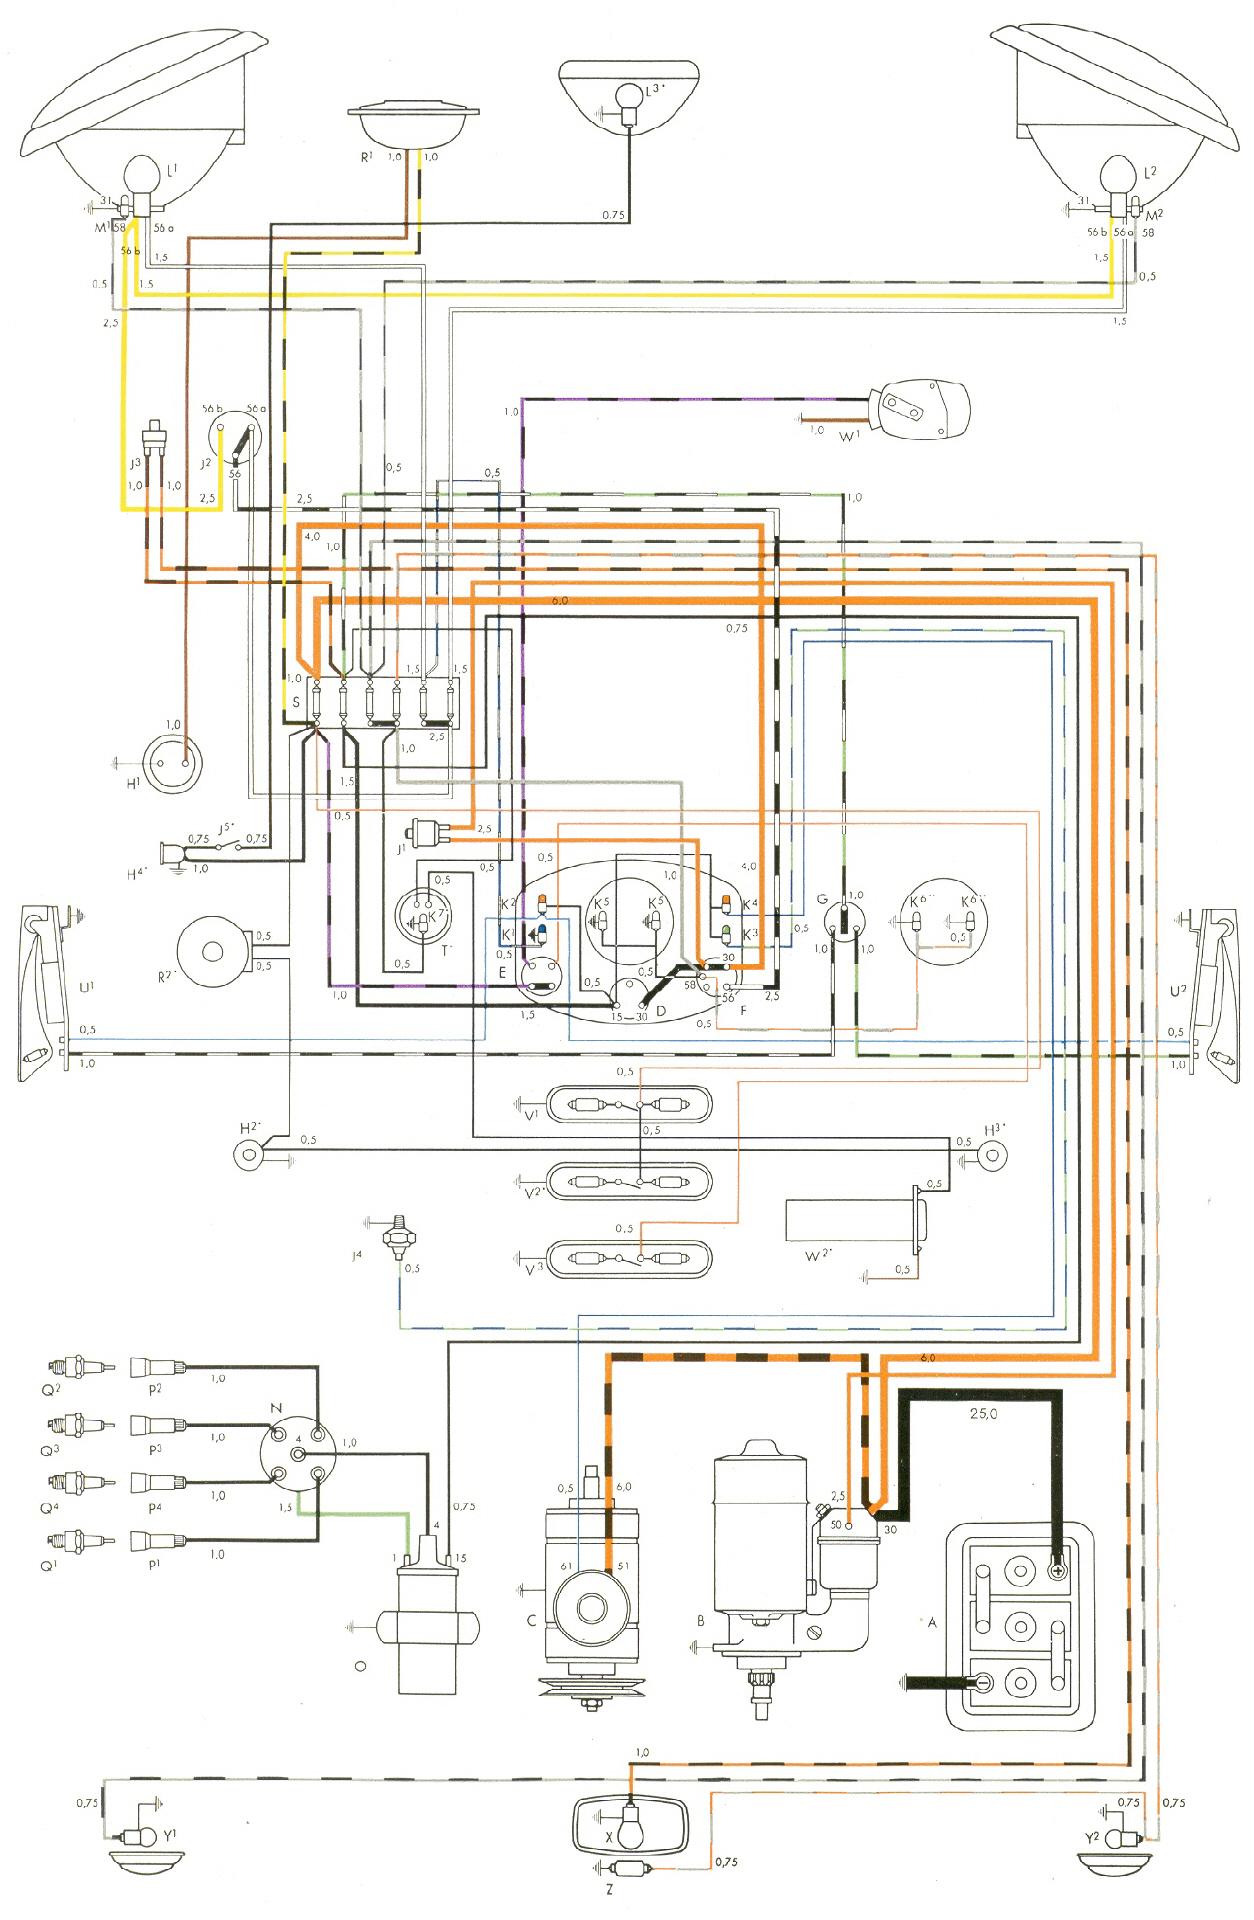 2000 Kia Sephia Fuse Box Diagram